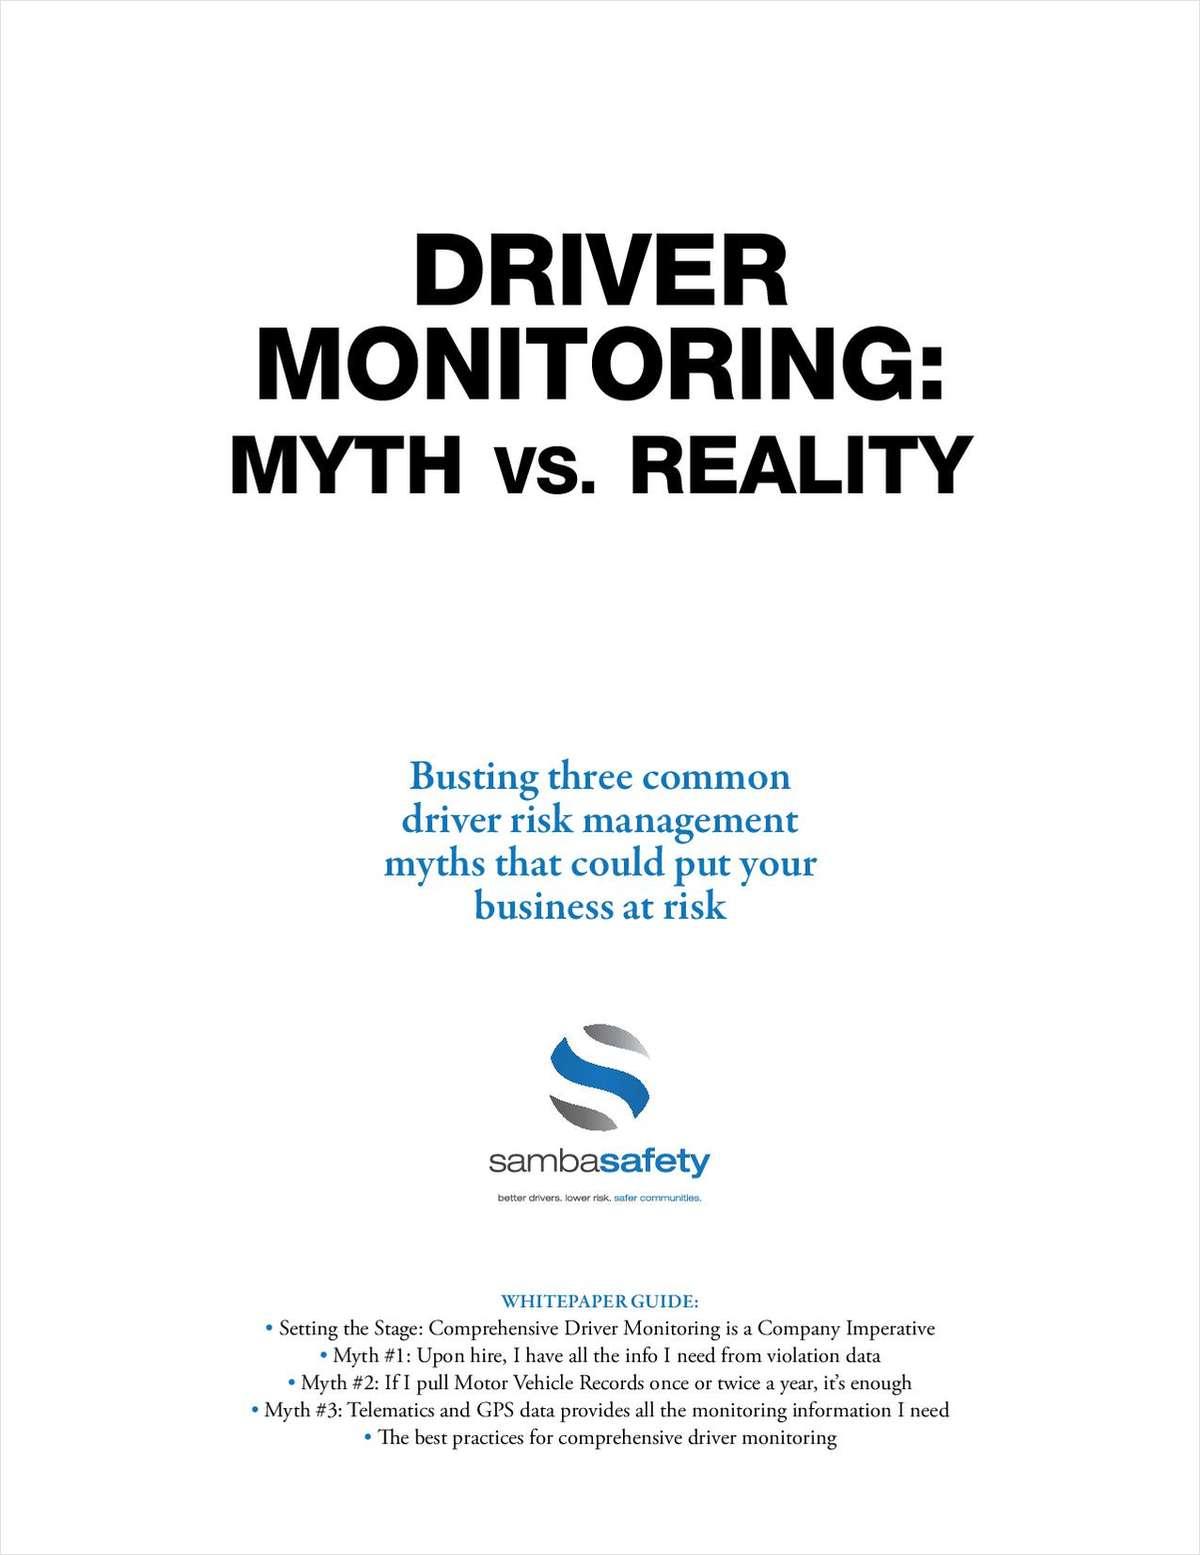 Driver Monitoring - Myth vs. Reality